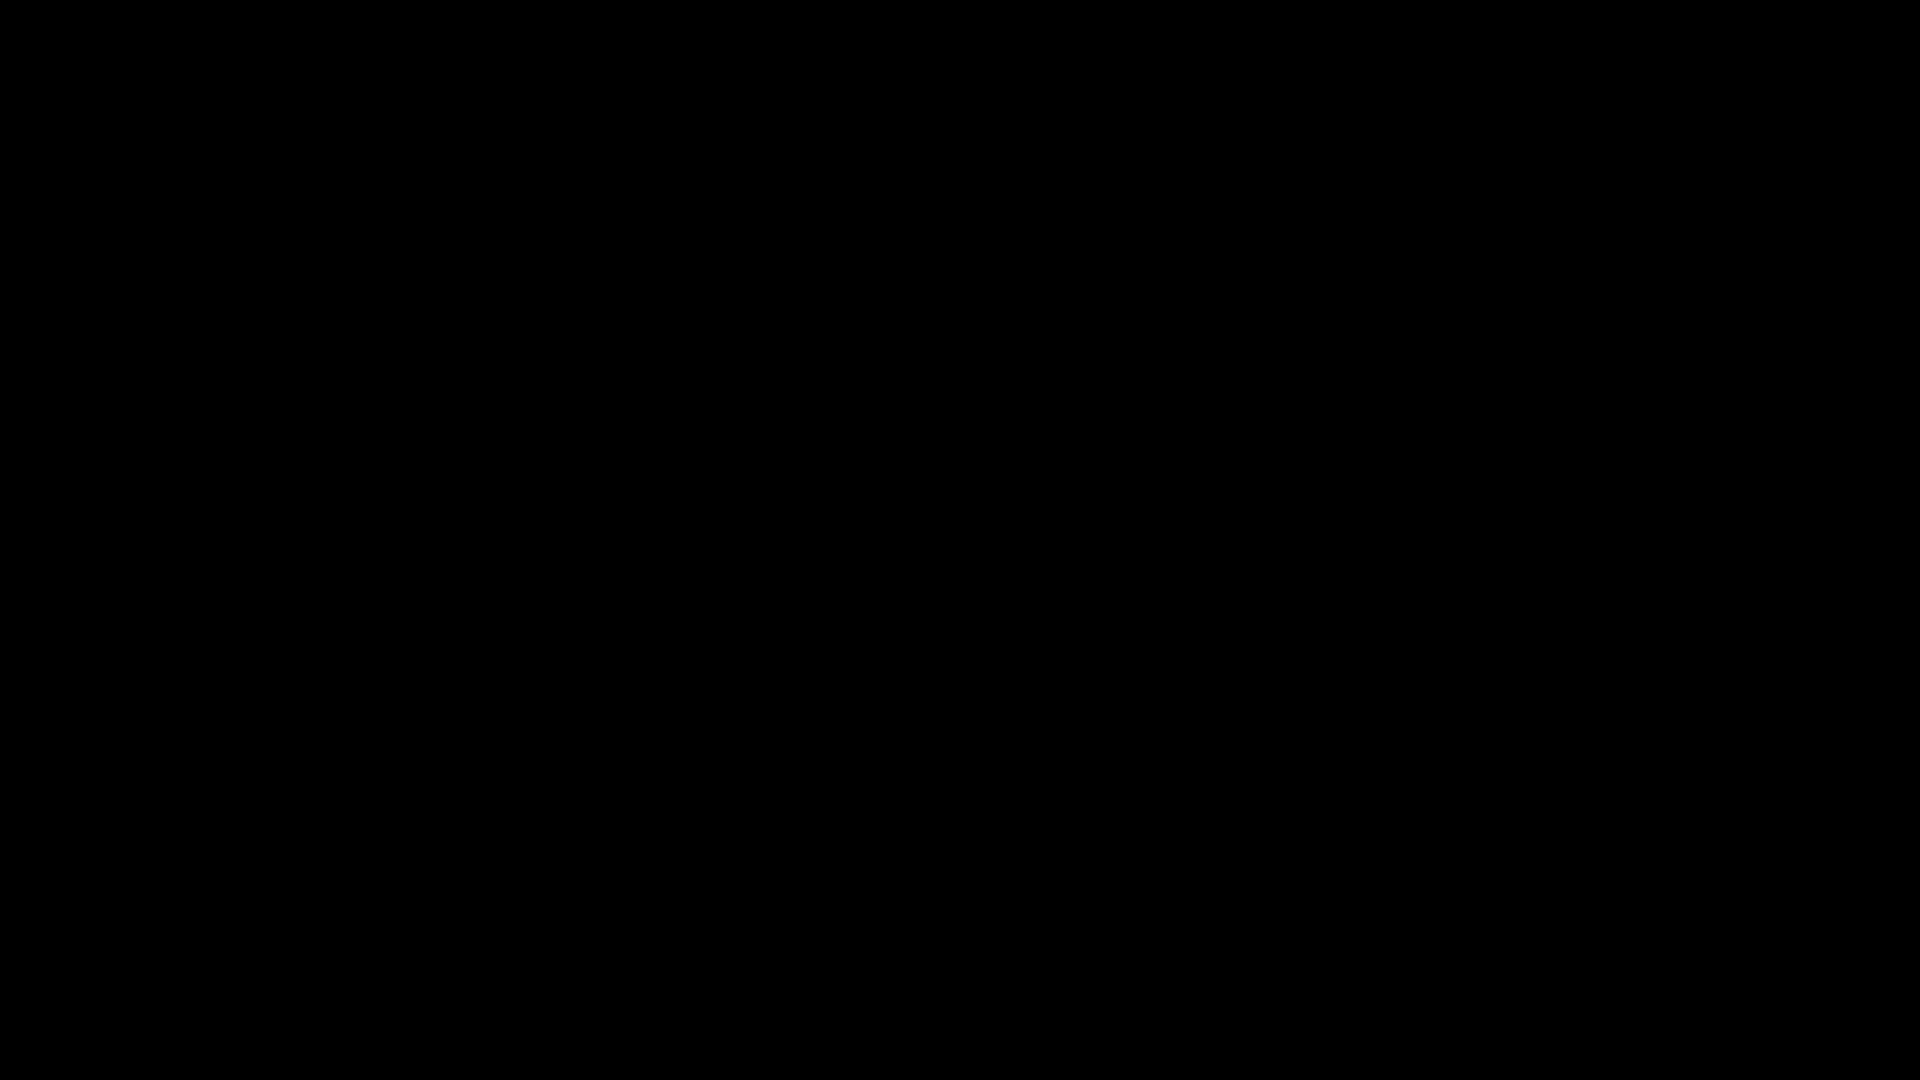 コピー ライト ff14